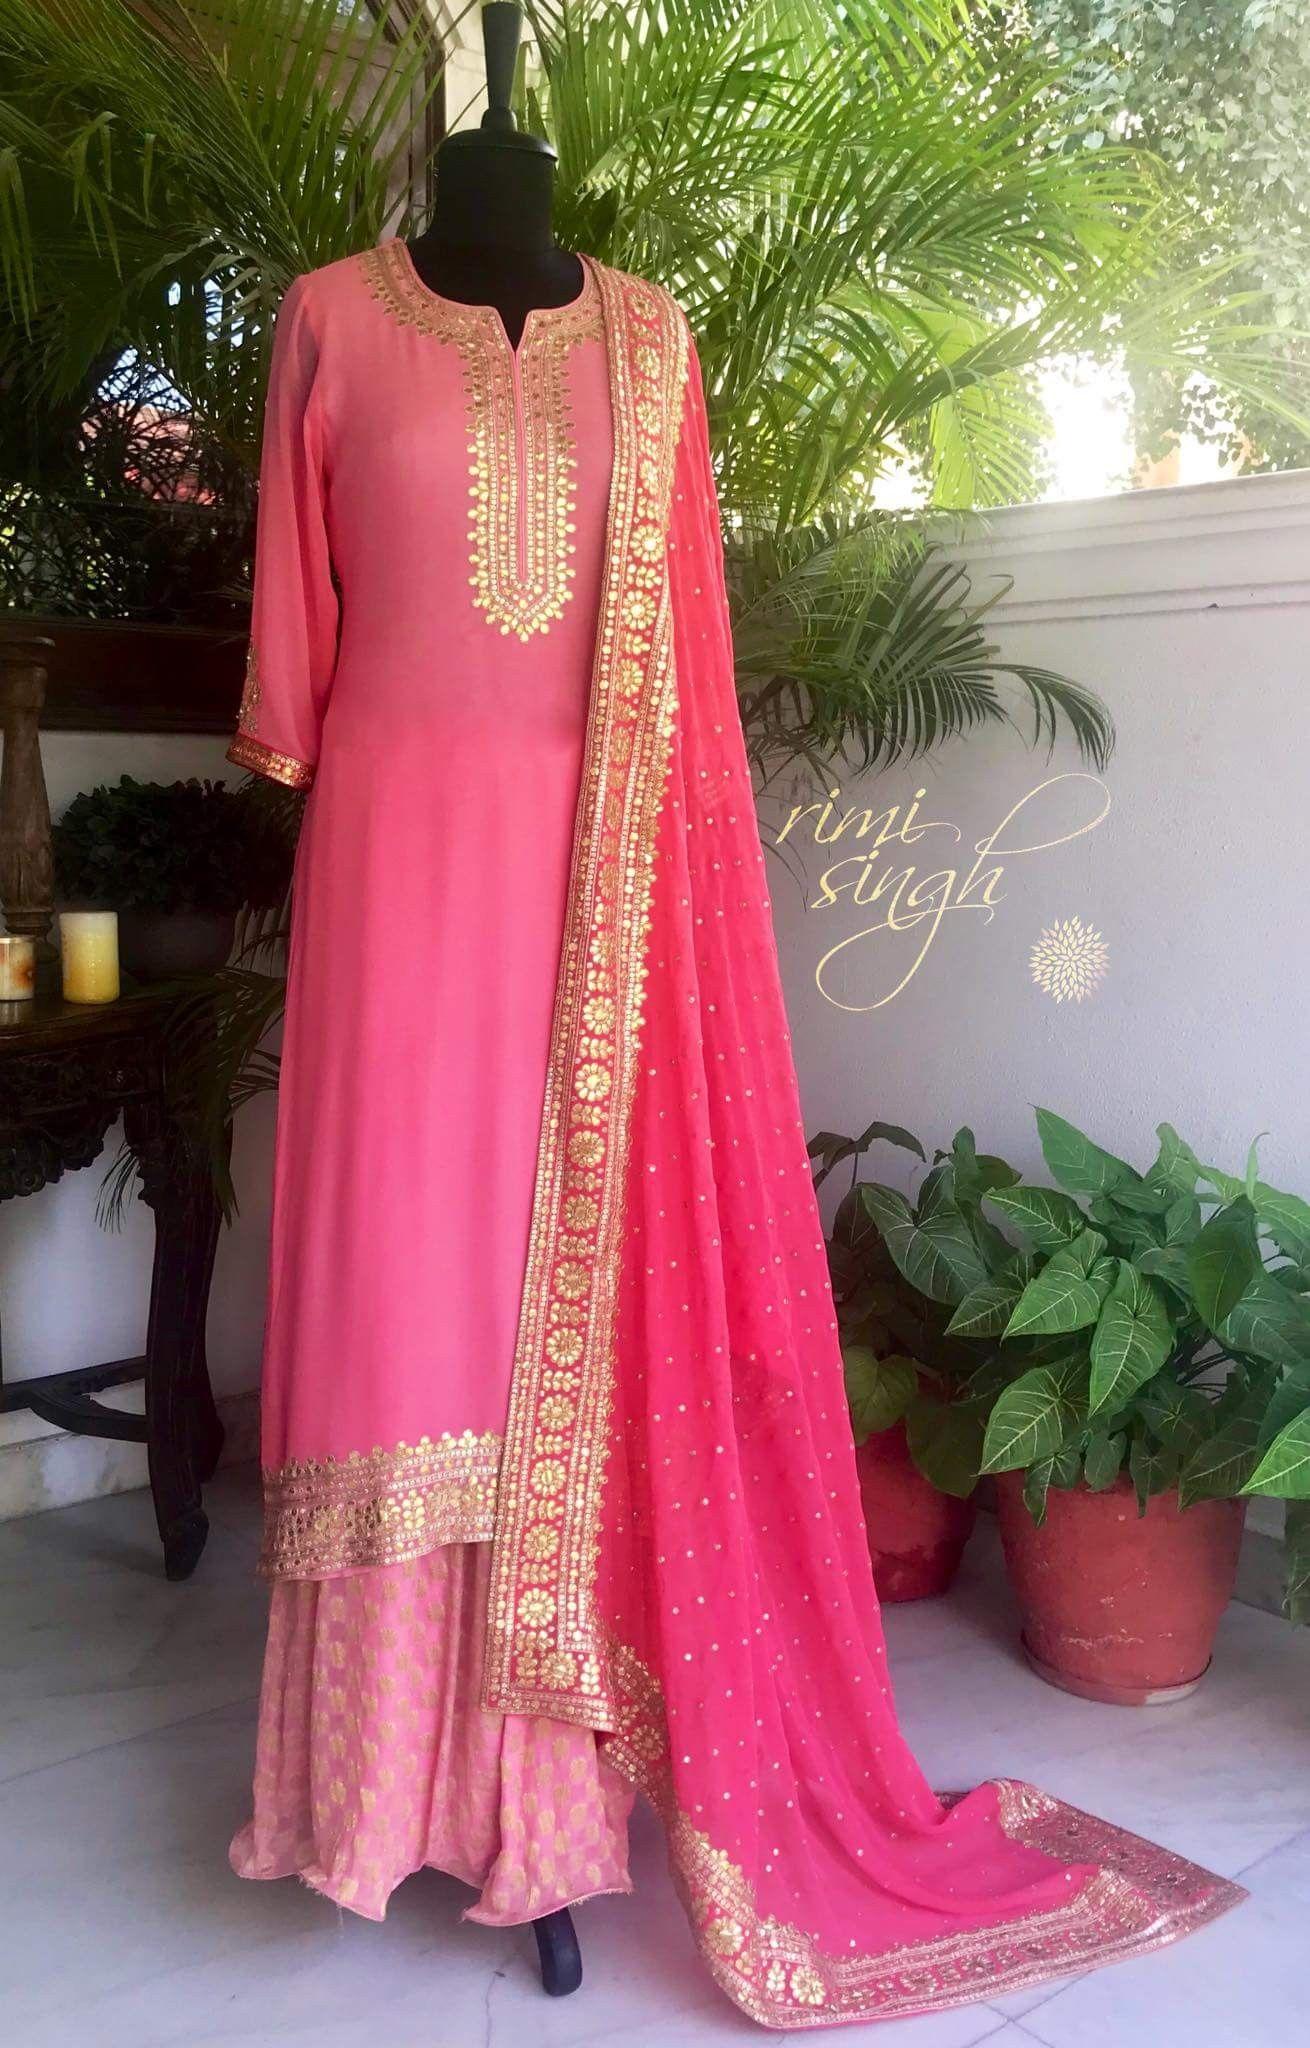 Pin de Harvinder en Suits | Pinterest | Palaso, Trajes indios y Túnicas